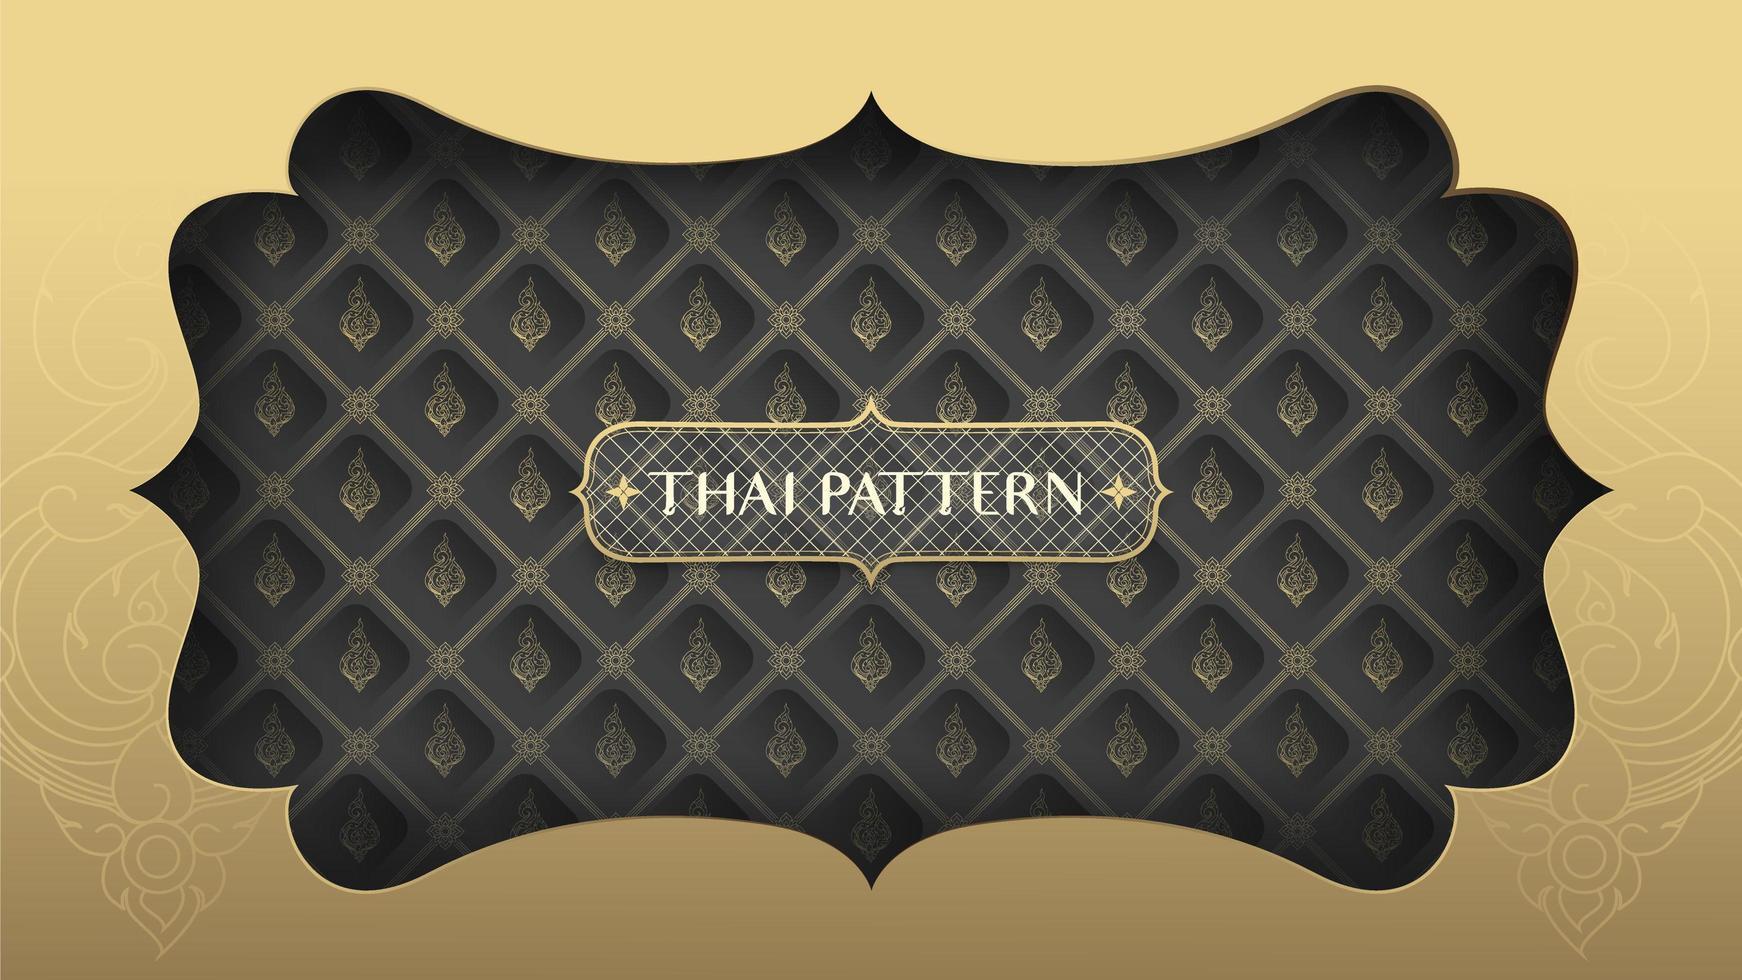 marco dorado sobre patrón tailandés negro y dorado vector